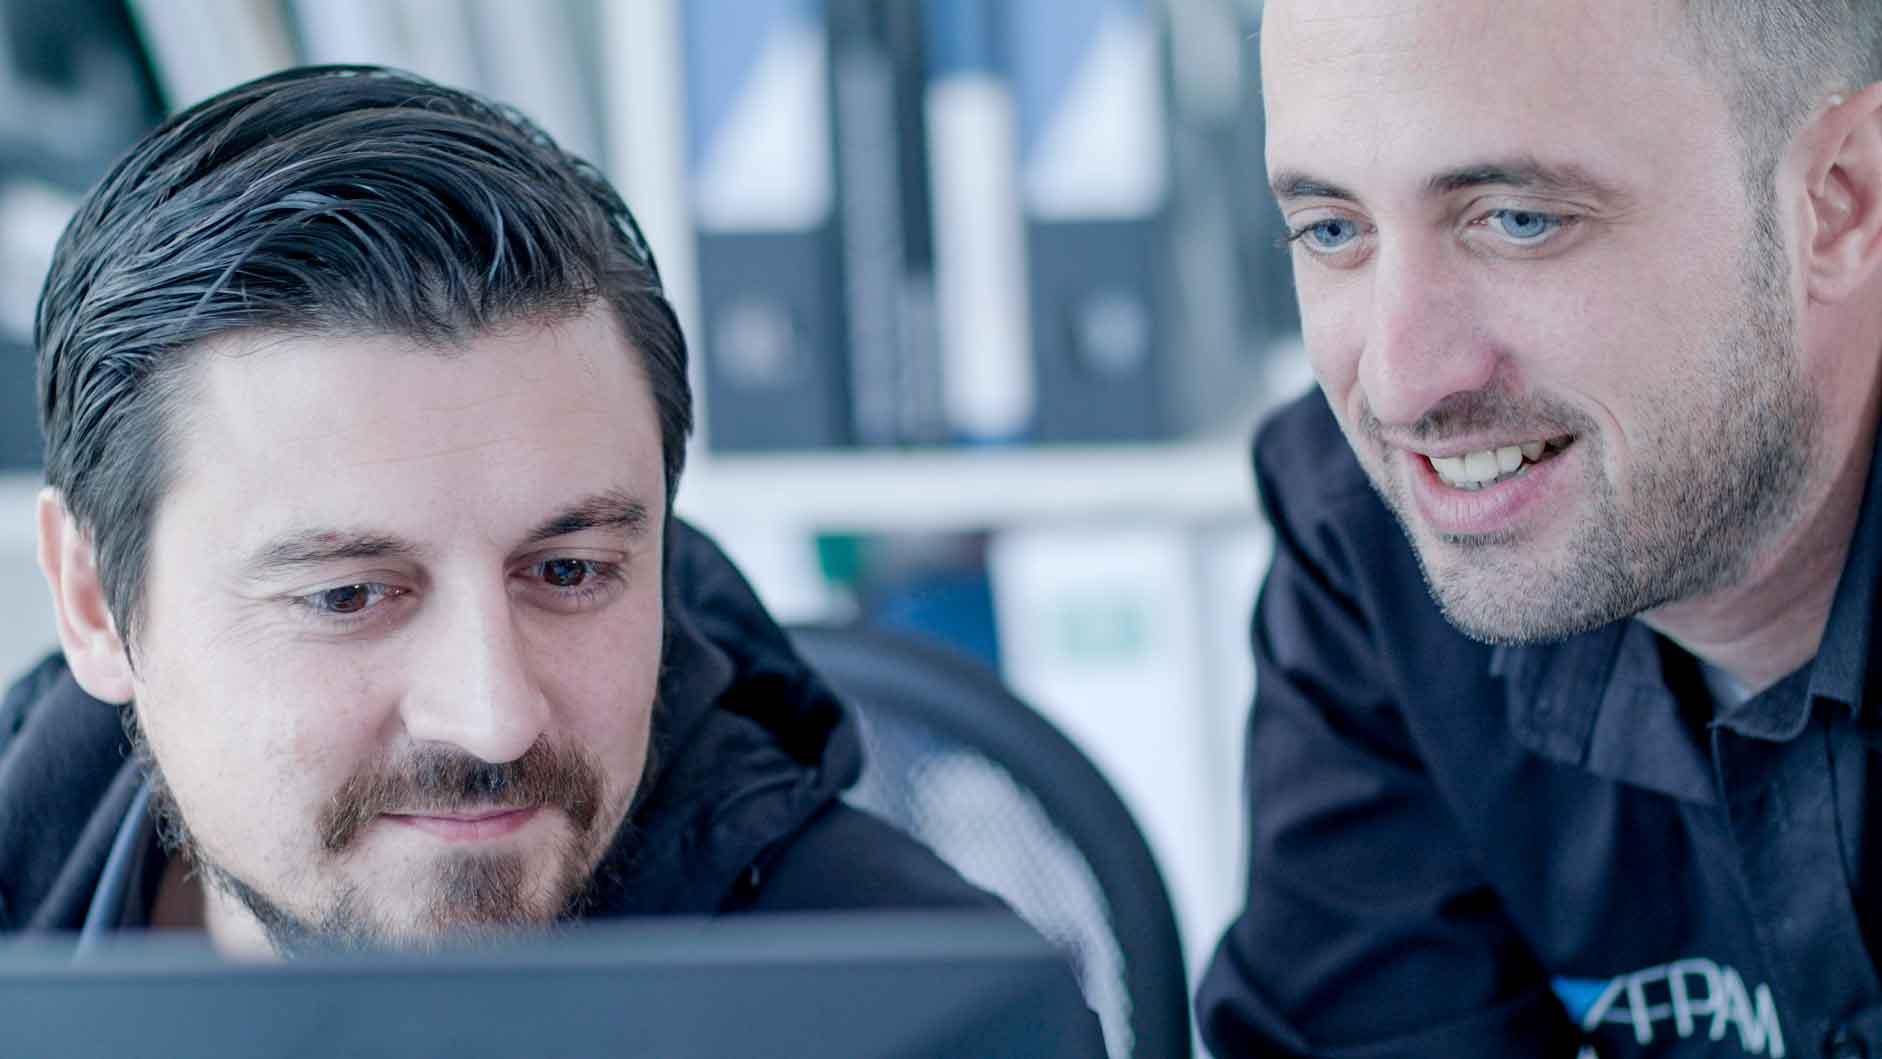 Kundenstimme AFPAM Dortmund Referenz arbeiten mit MeinBüro und mehreren Mitarbeitern